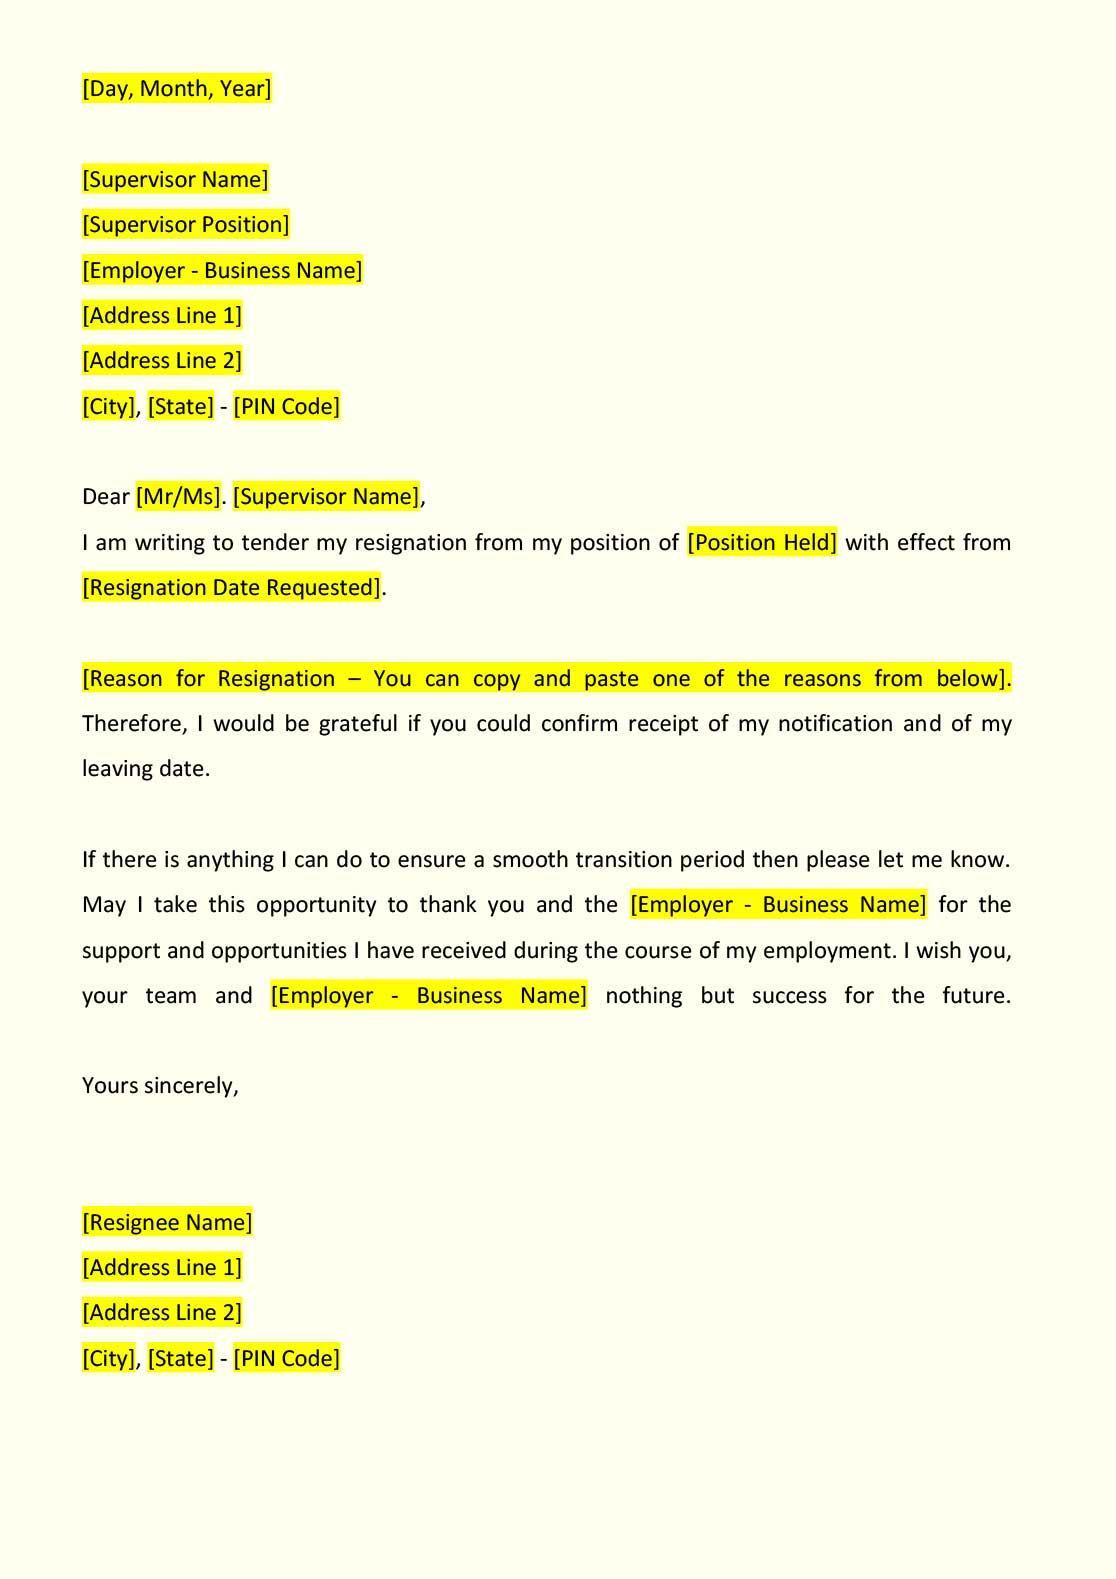 sample resignation letter - indiafilings